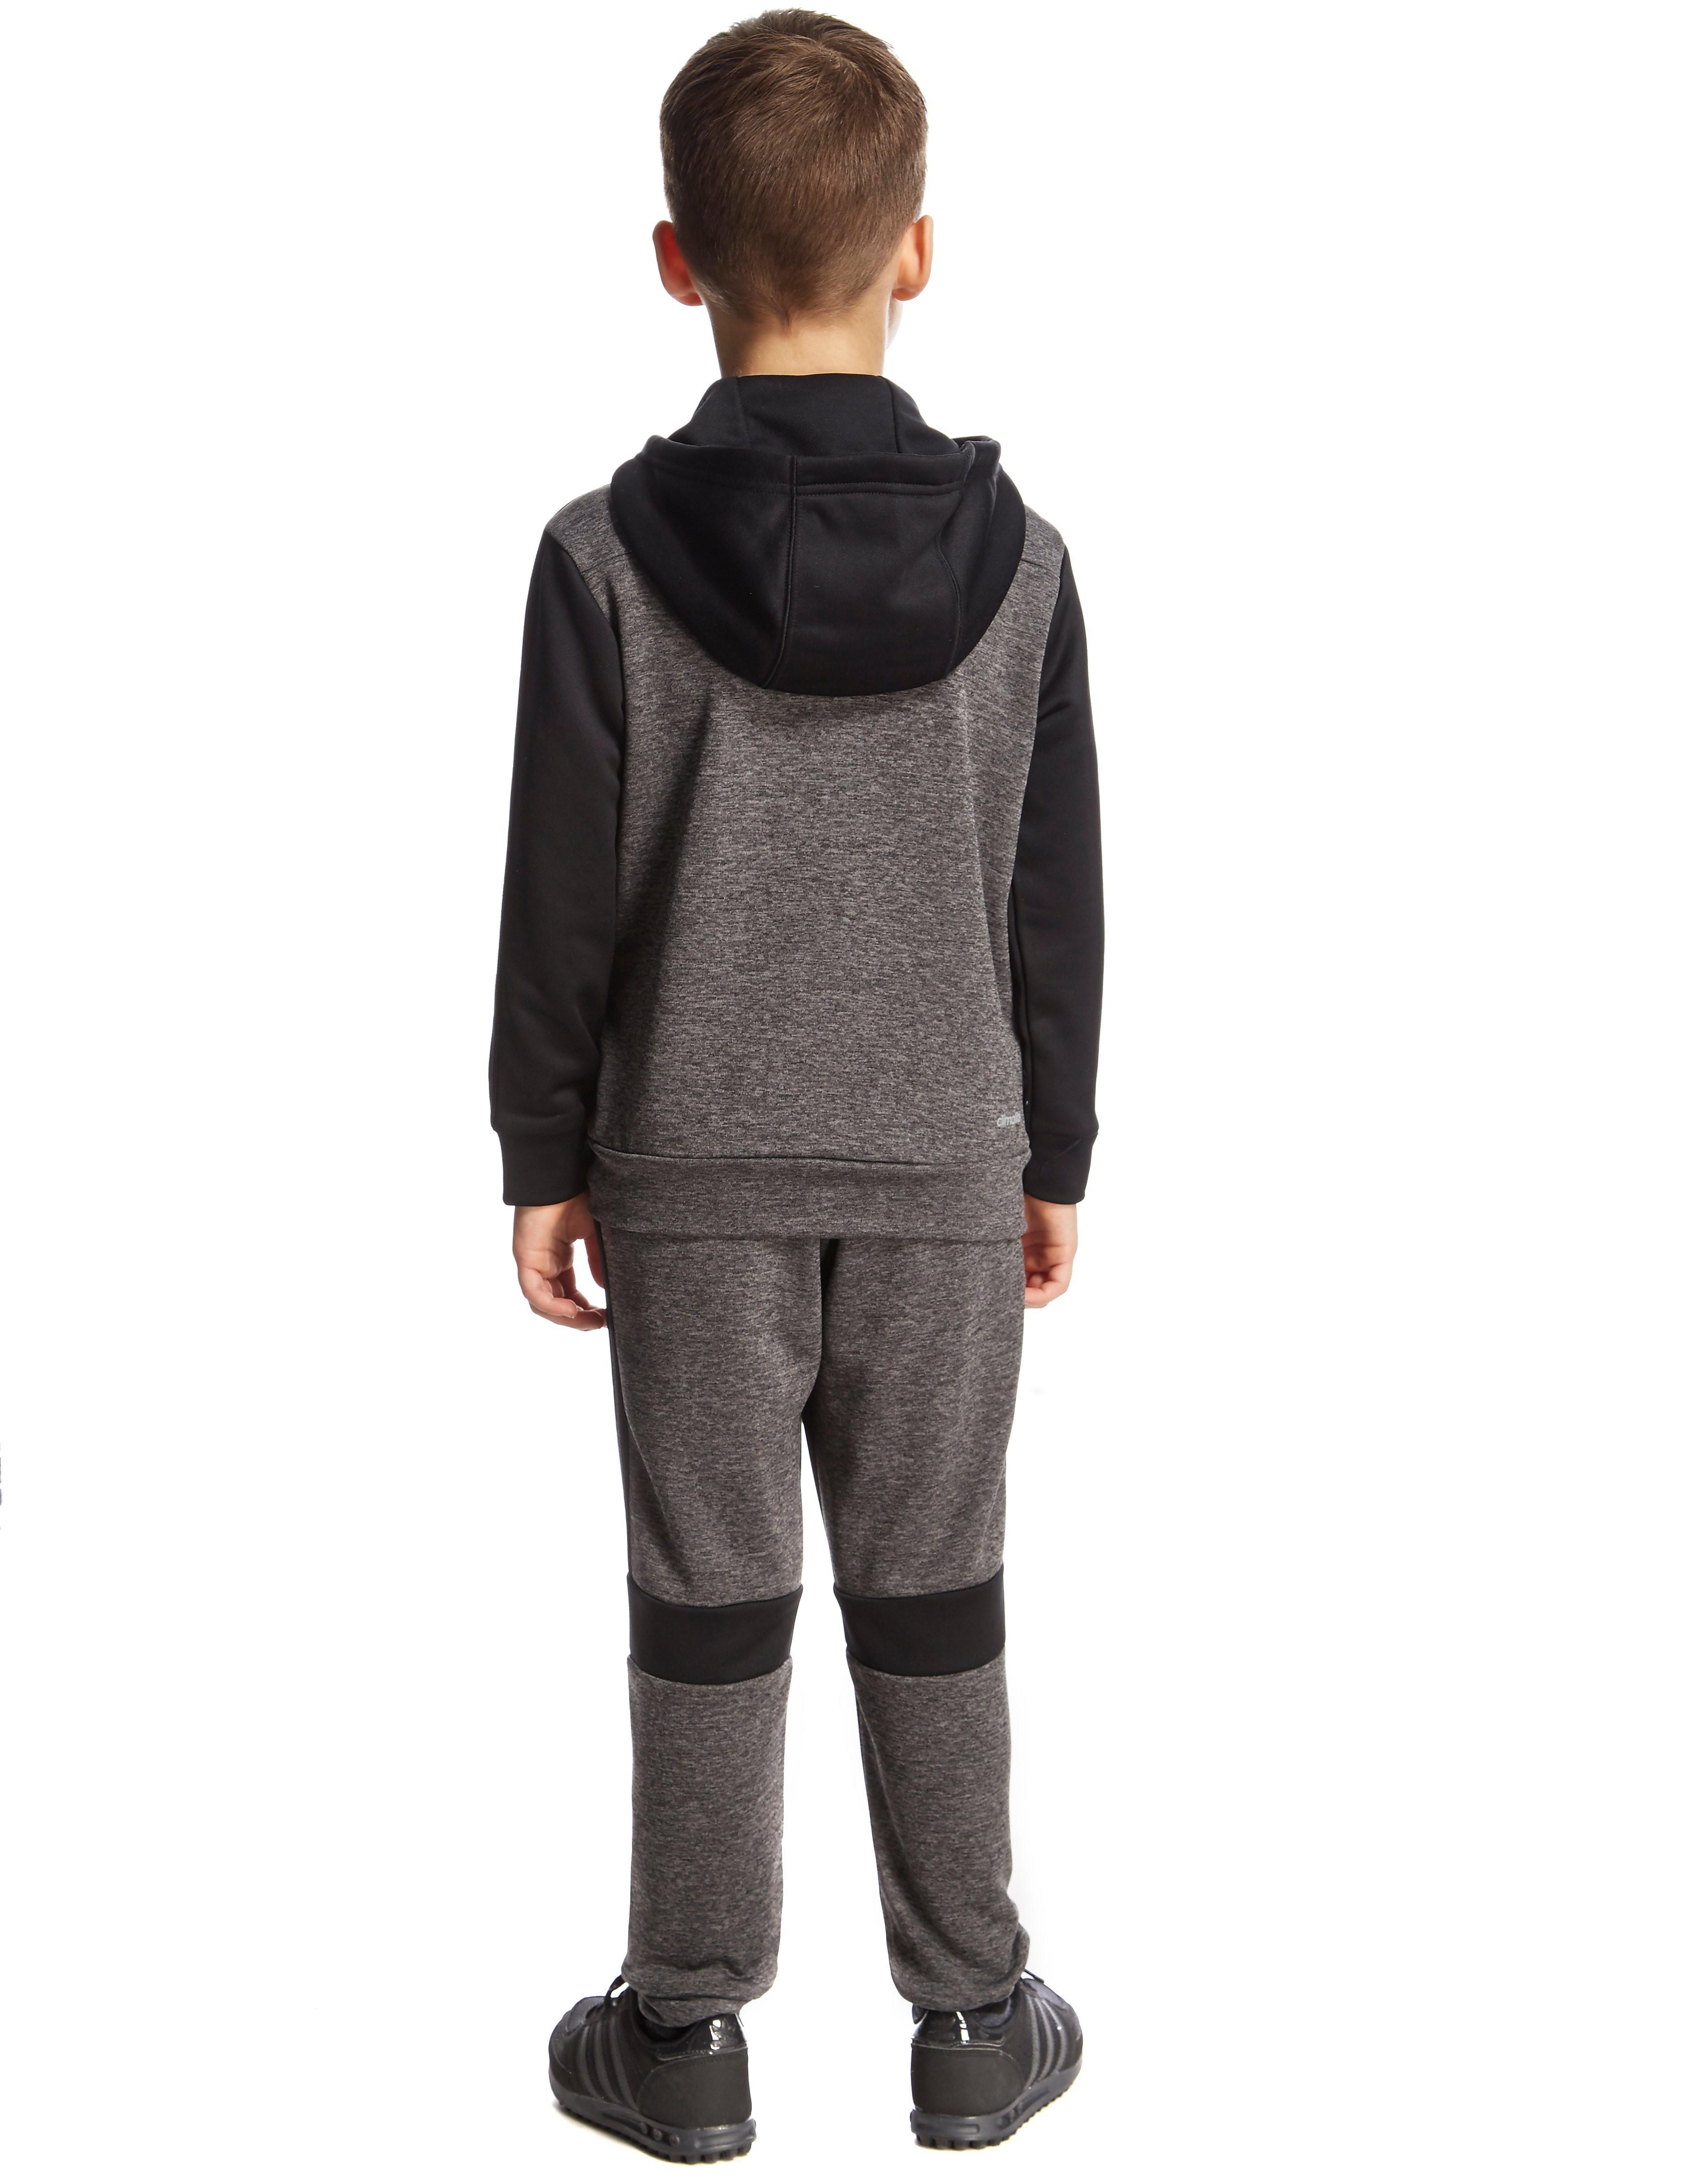 adidas Clima Suit Children